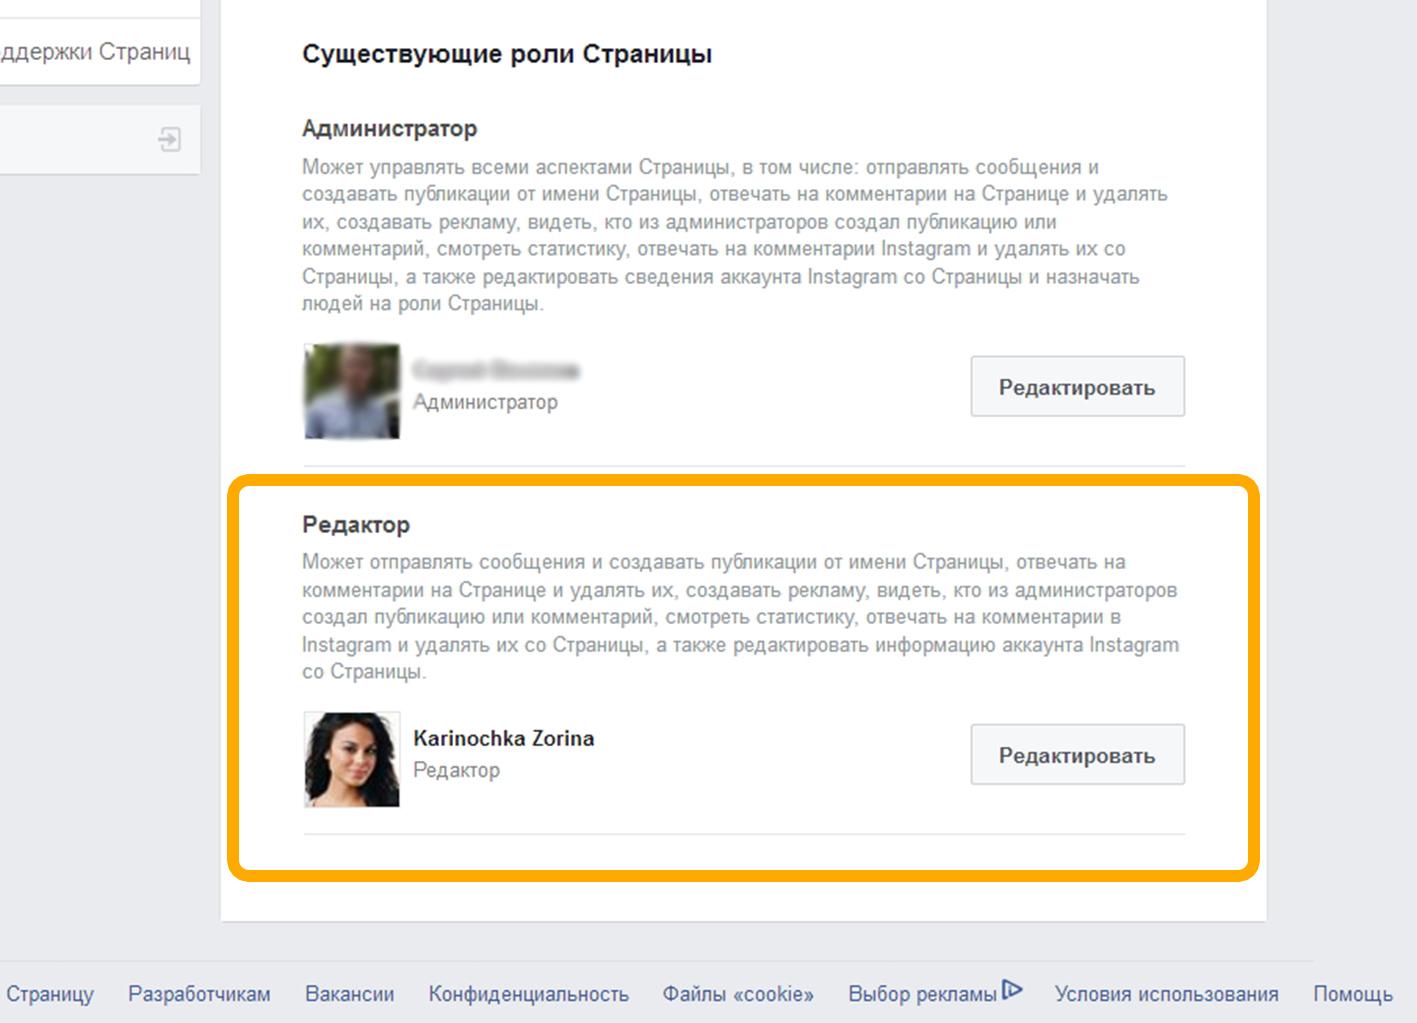 Общее меню управлением административными правами разных пользователей и предоставления доступа к странице Фейсбук и информационная панель.